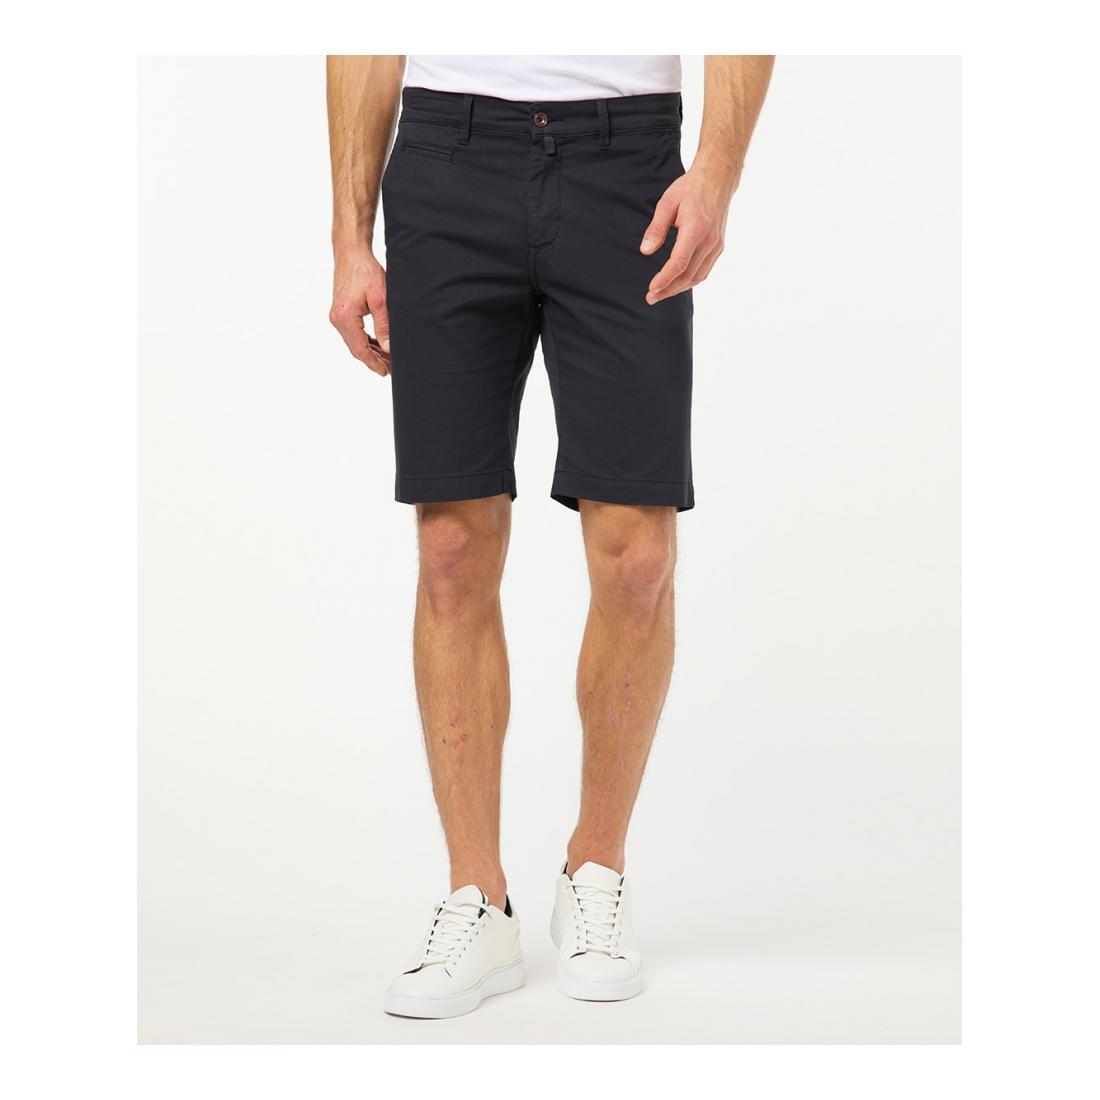 Pierre Cardin Bermuda/Shorts Herren Bermuda